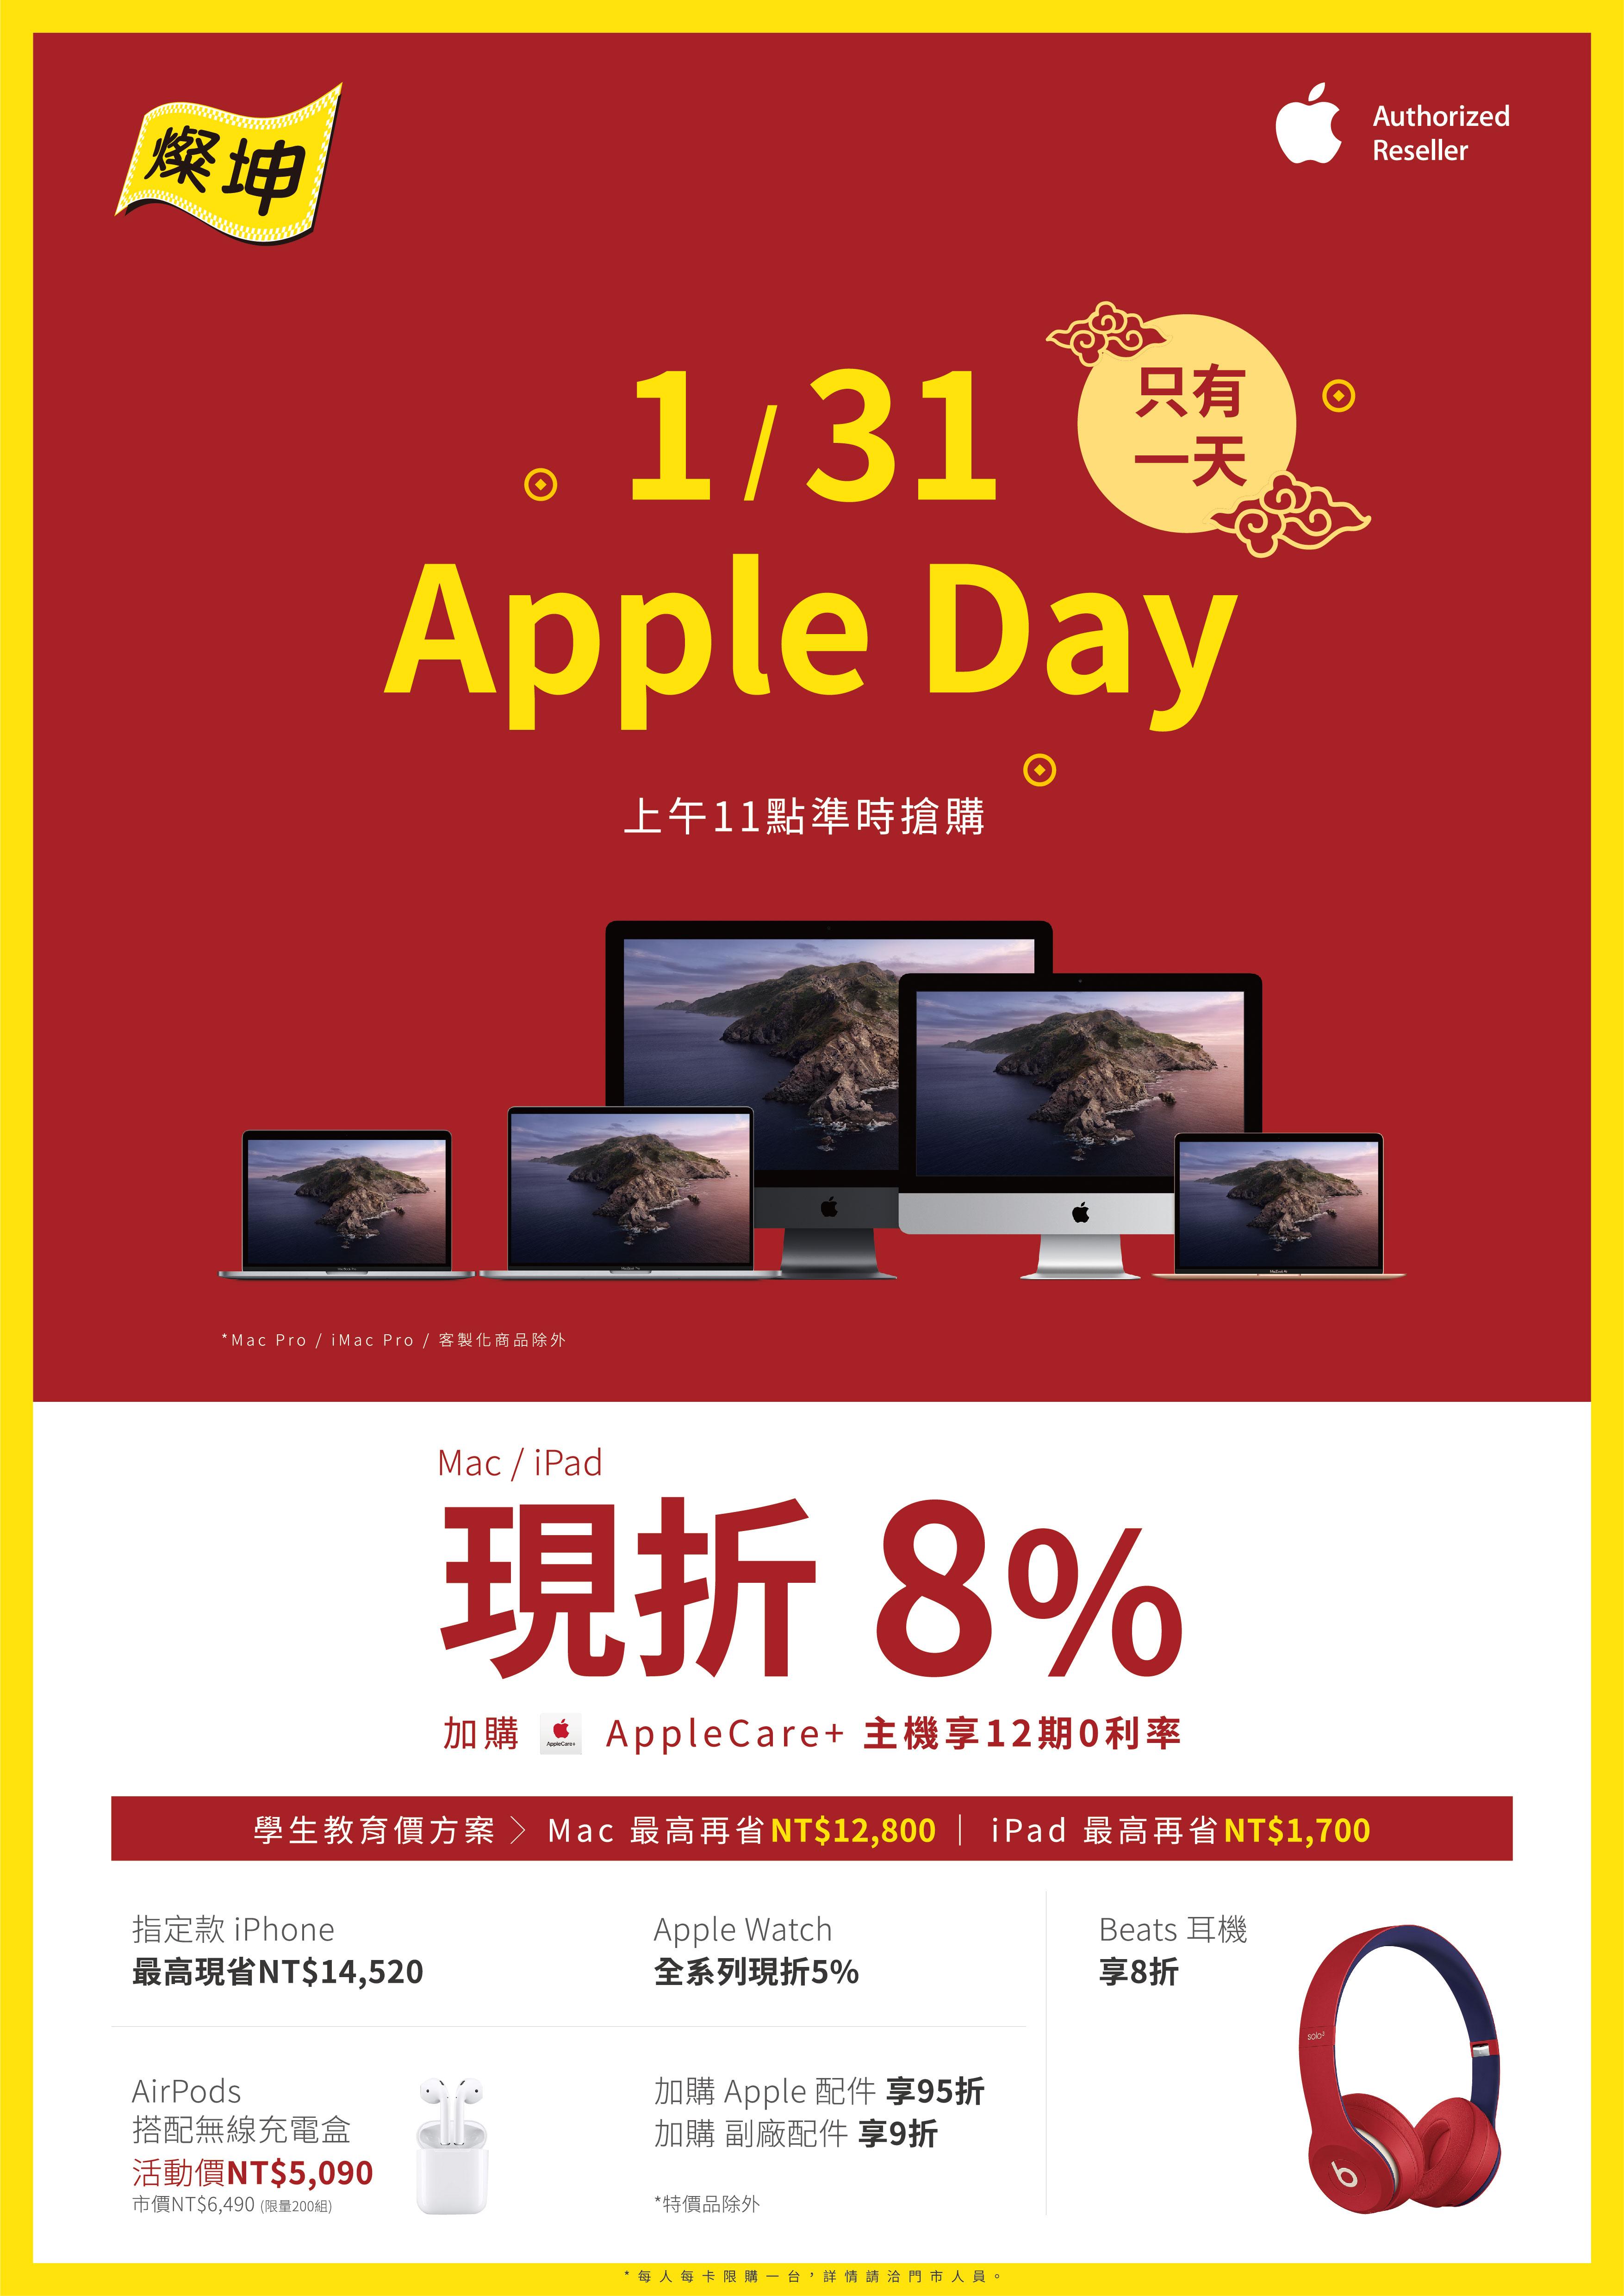 AppleDay1月31日上午11點準時開搶,門市再享學生教育價方案